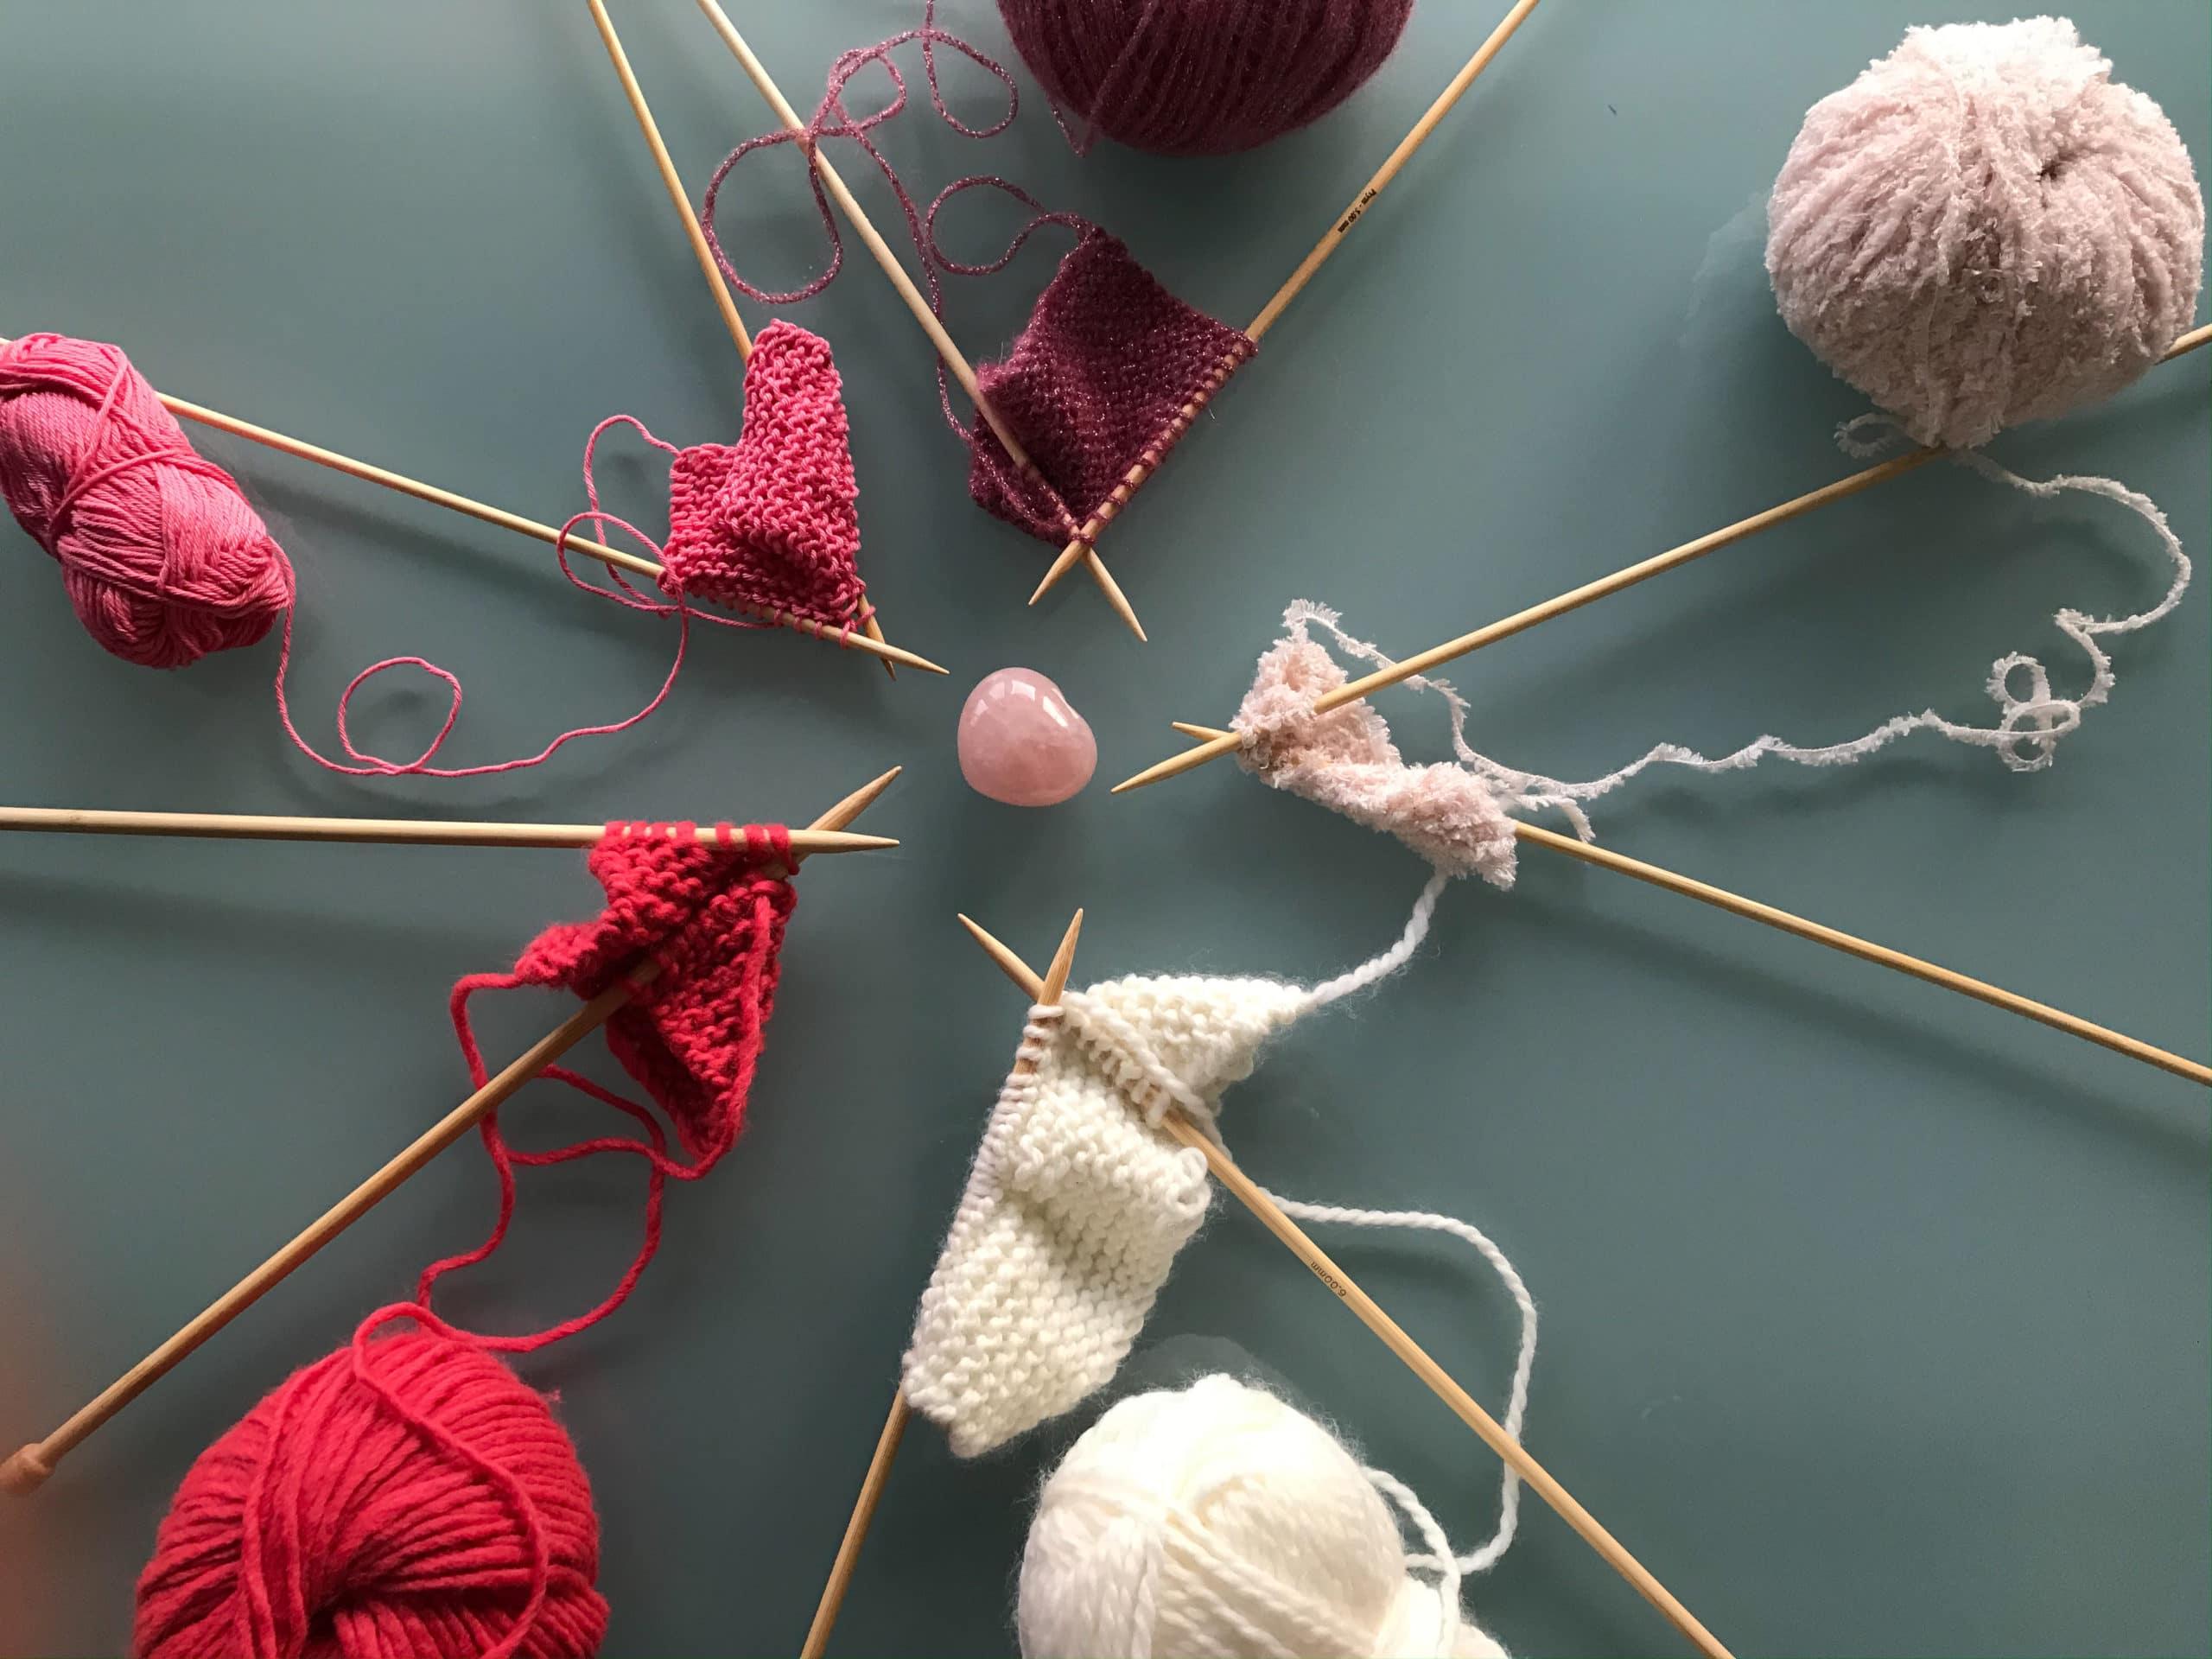 aiguilles pelotes laine tricot bienveillancefab